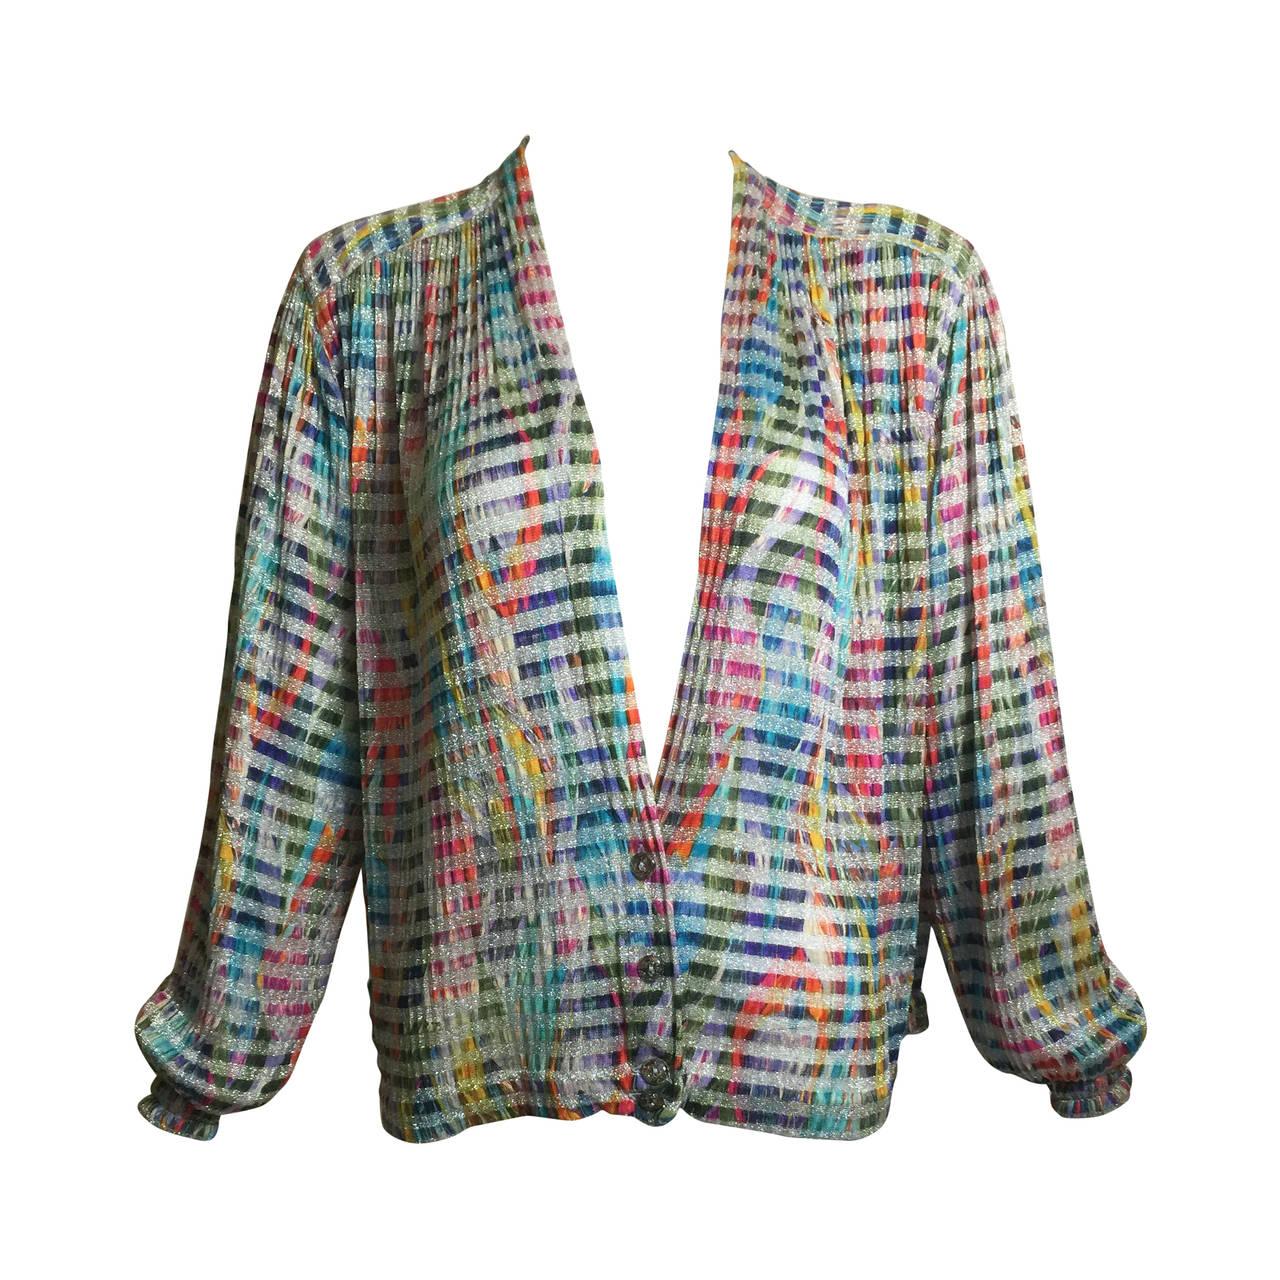 1970s Missoni Metallic Knit Cardigan Top